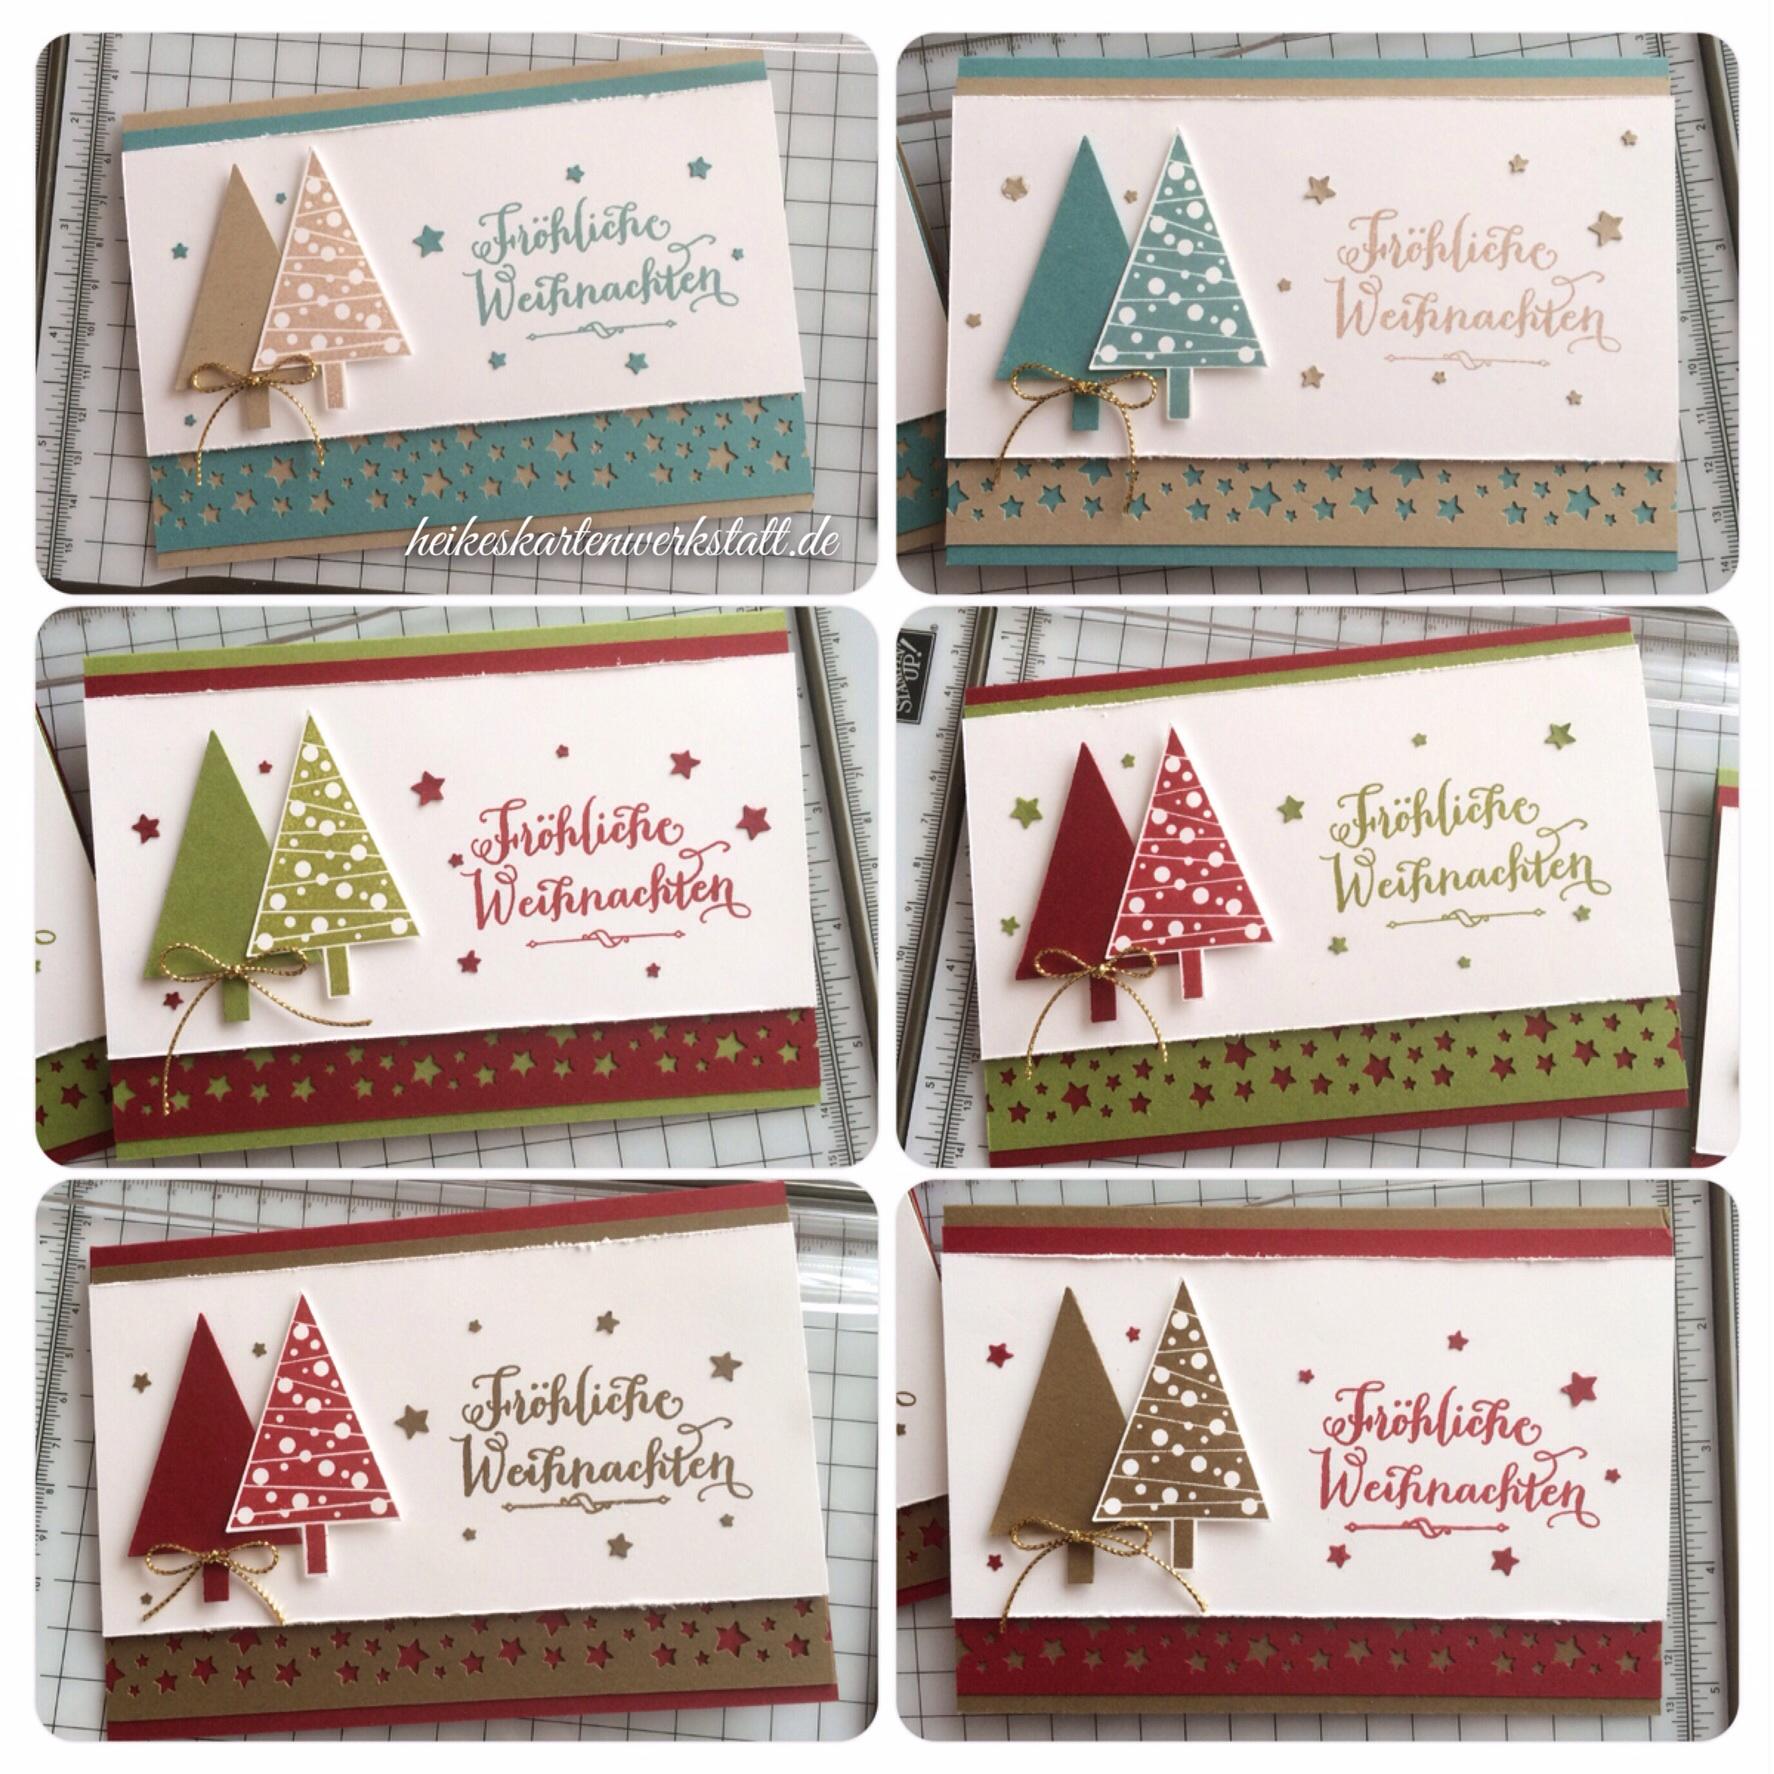 weihnachtskarten mit dem christbaumfestival set heikes kartenwerkstattheikes kartenwerkstatt. Black Bedroom Furniture Sets. Home Design Ideas